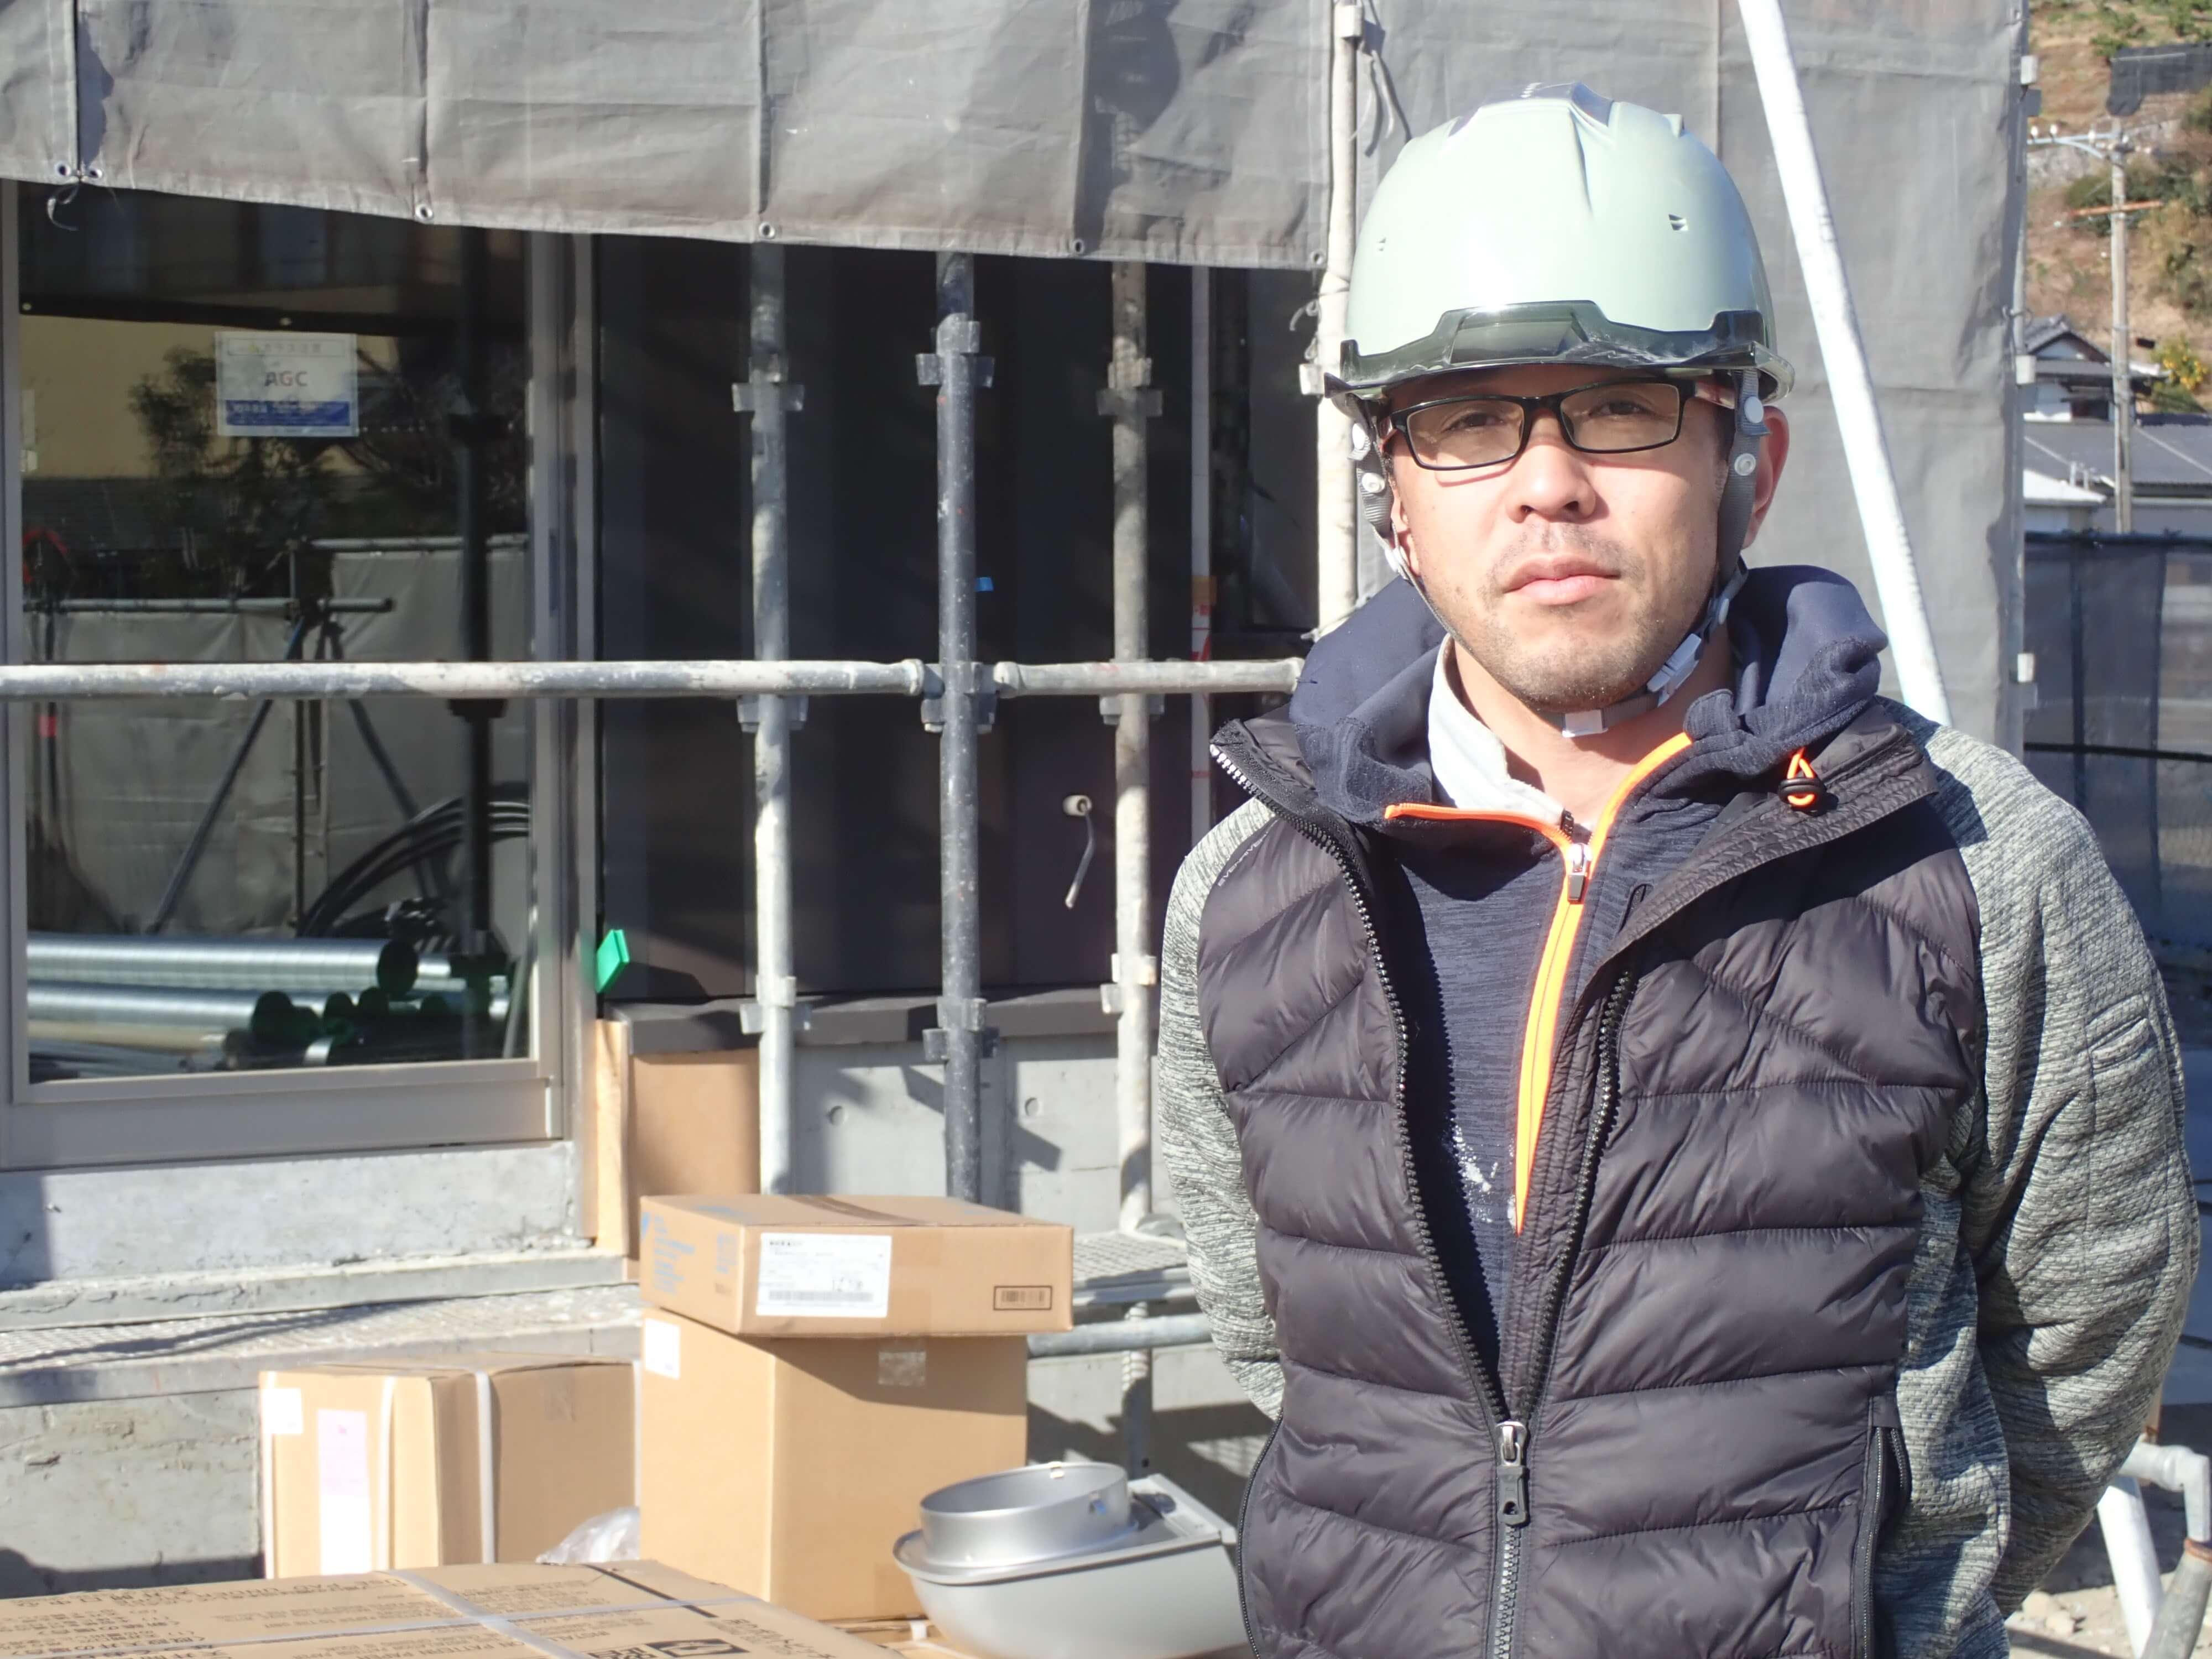 株式会社アールプラント中川社長の作業場での写真